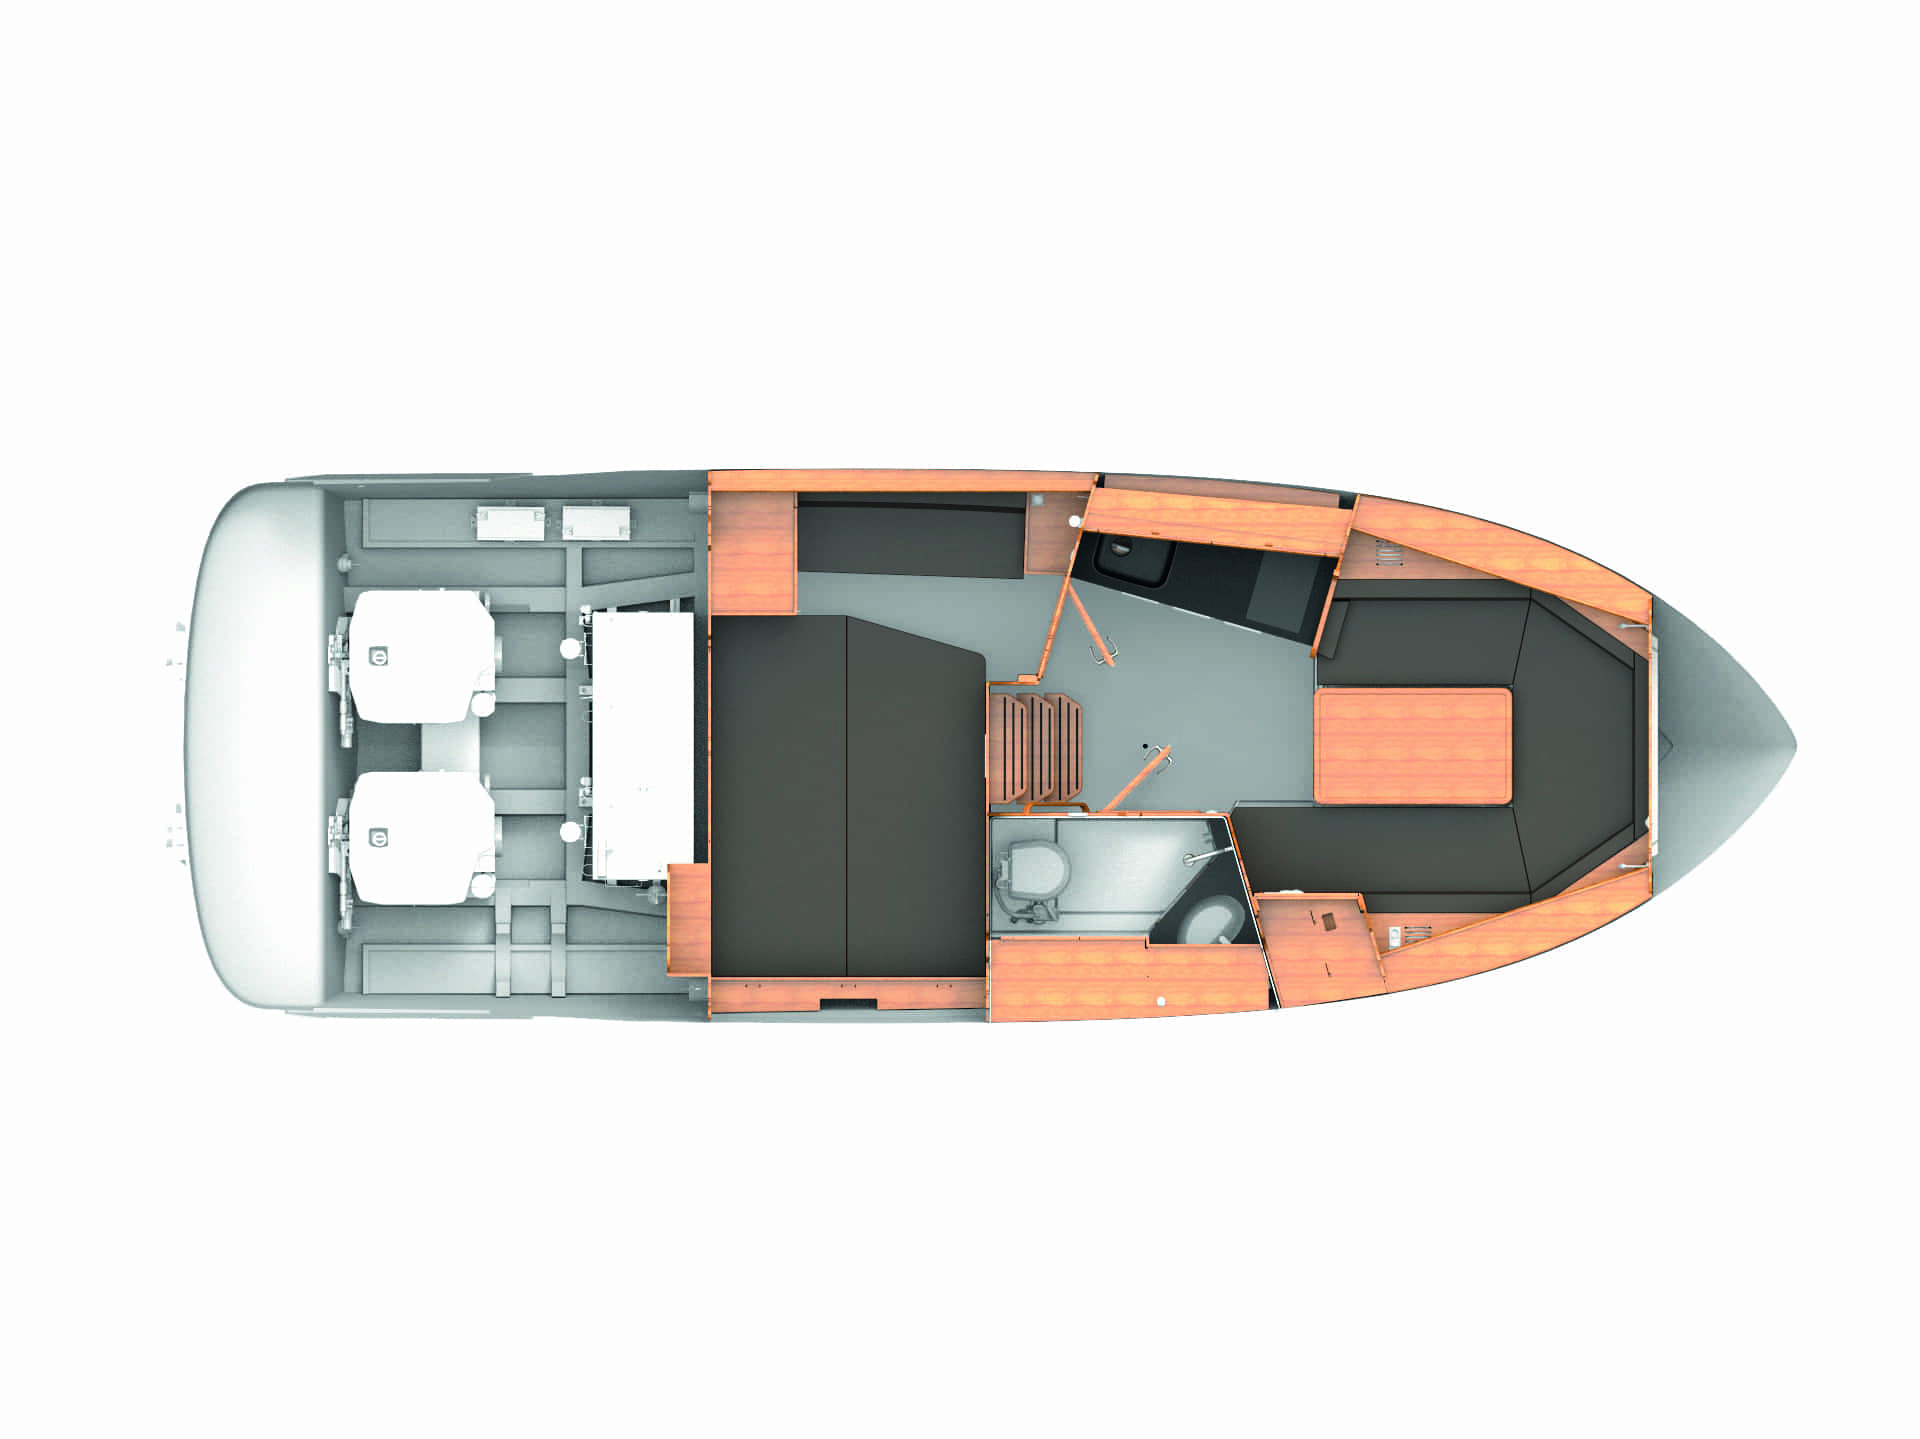 Bavaria S30 layout